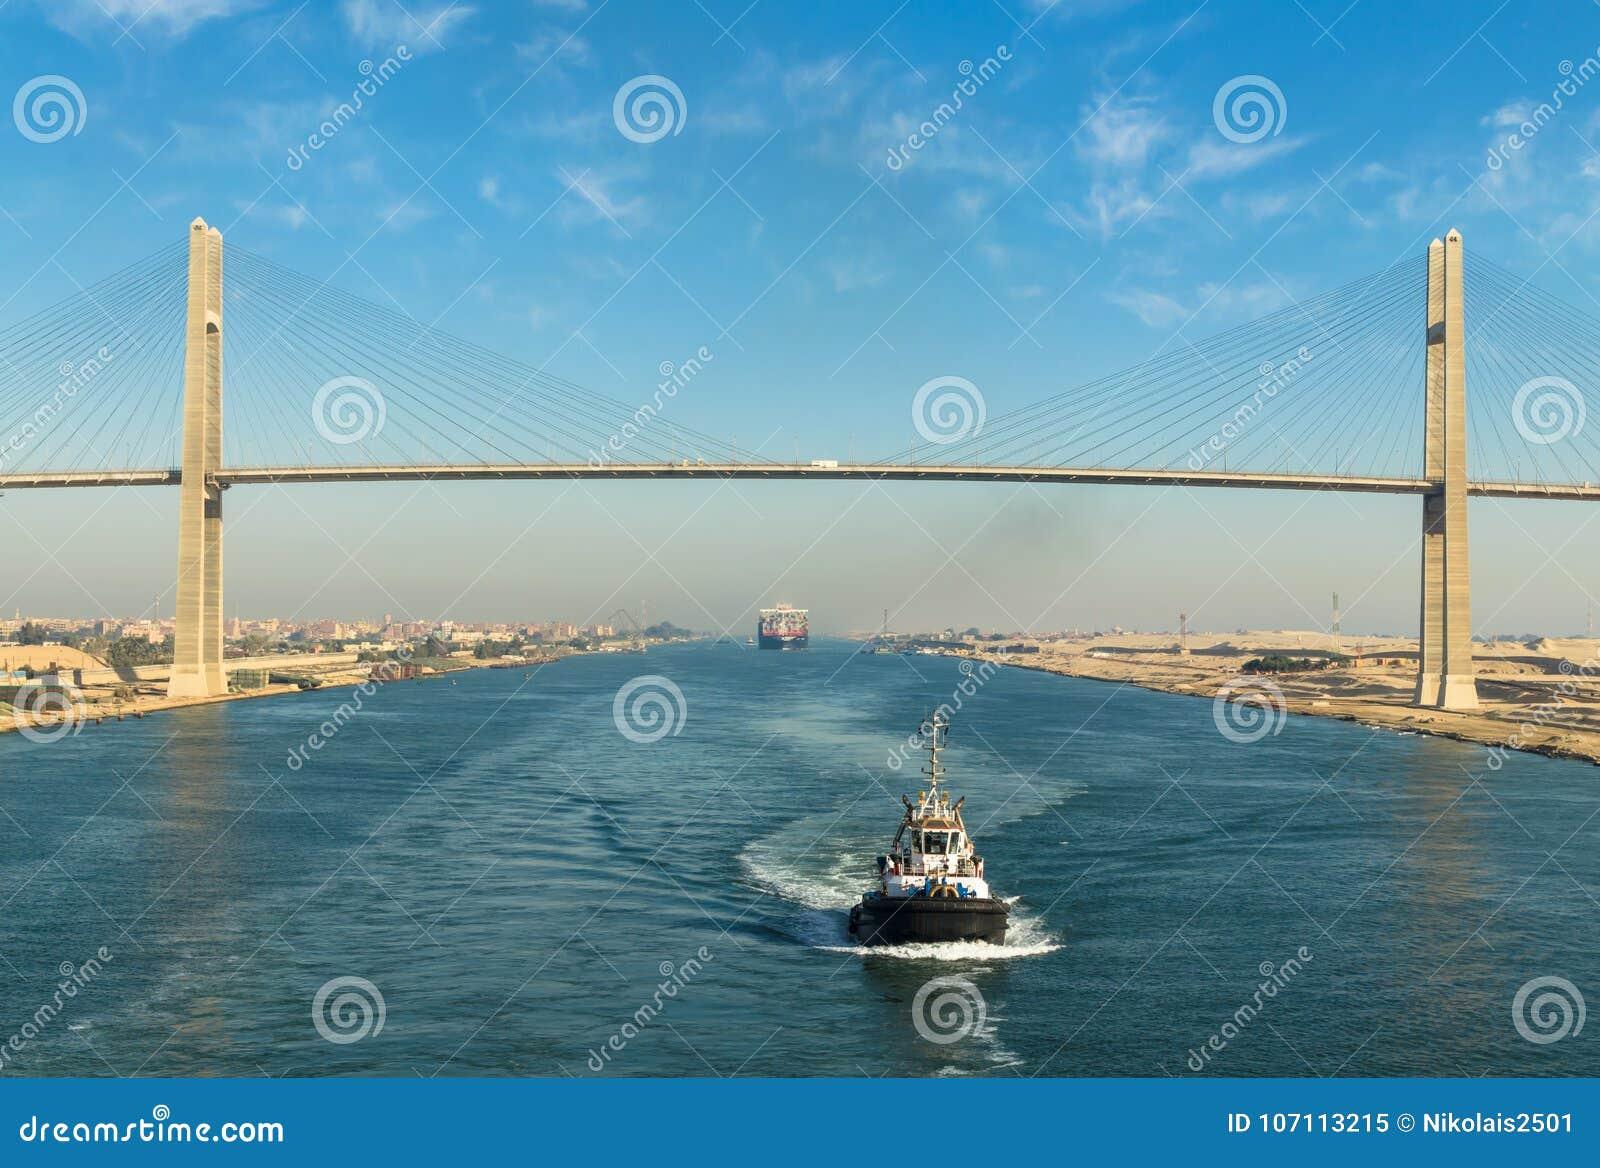 Kanał Sueski, Egipt, 2017: Wysyła ` s konwoju omijanie przez kanału sueskiego, w tle - kanału sueskiego most